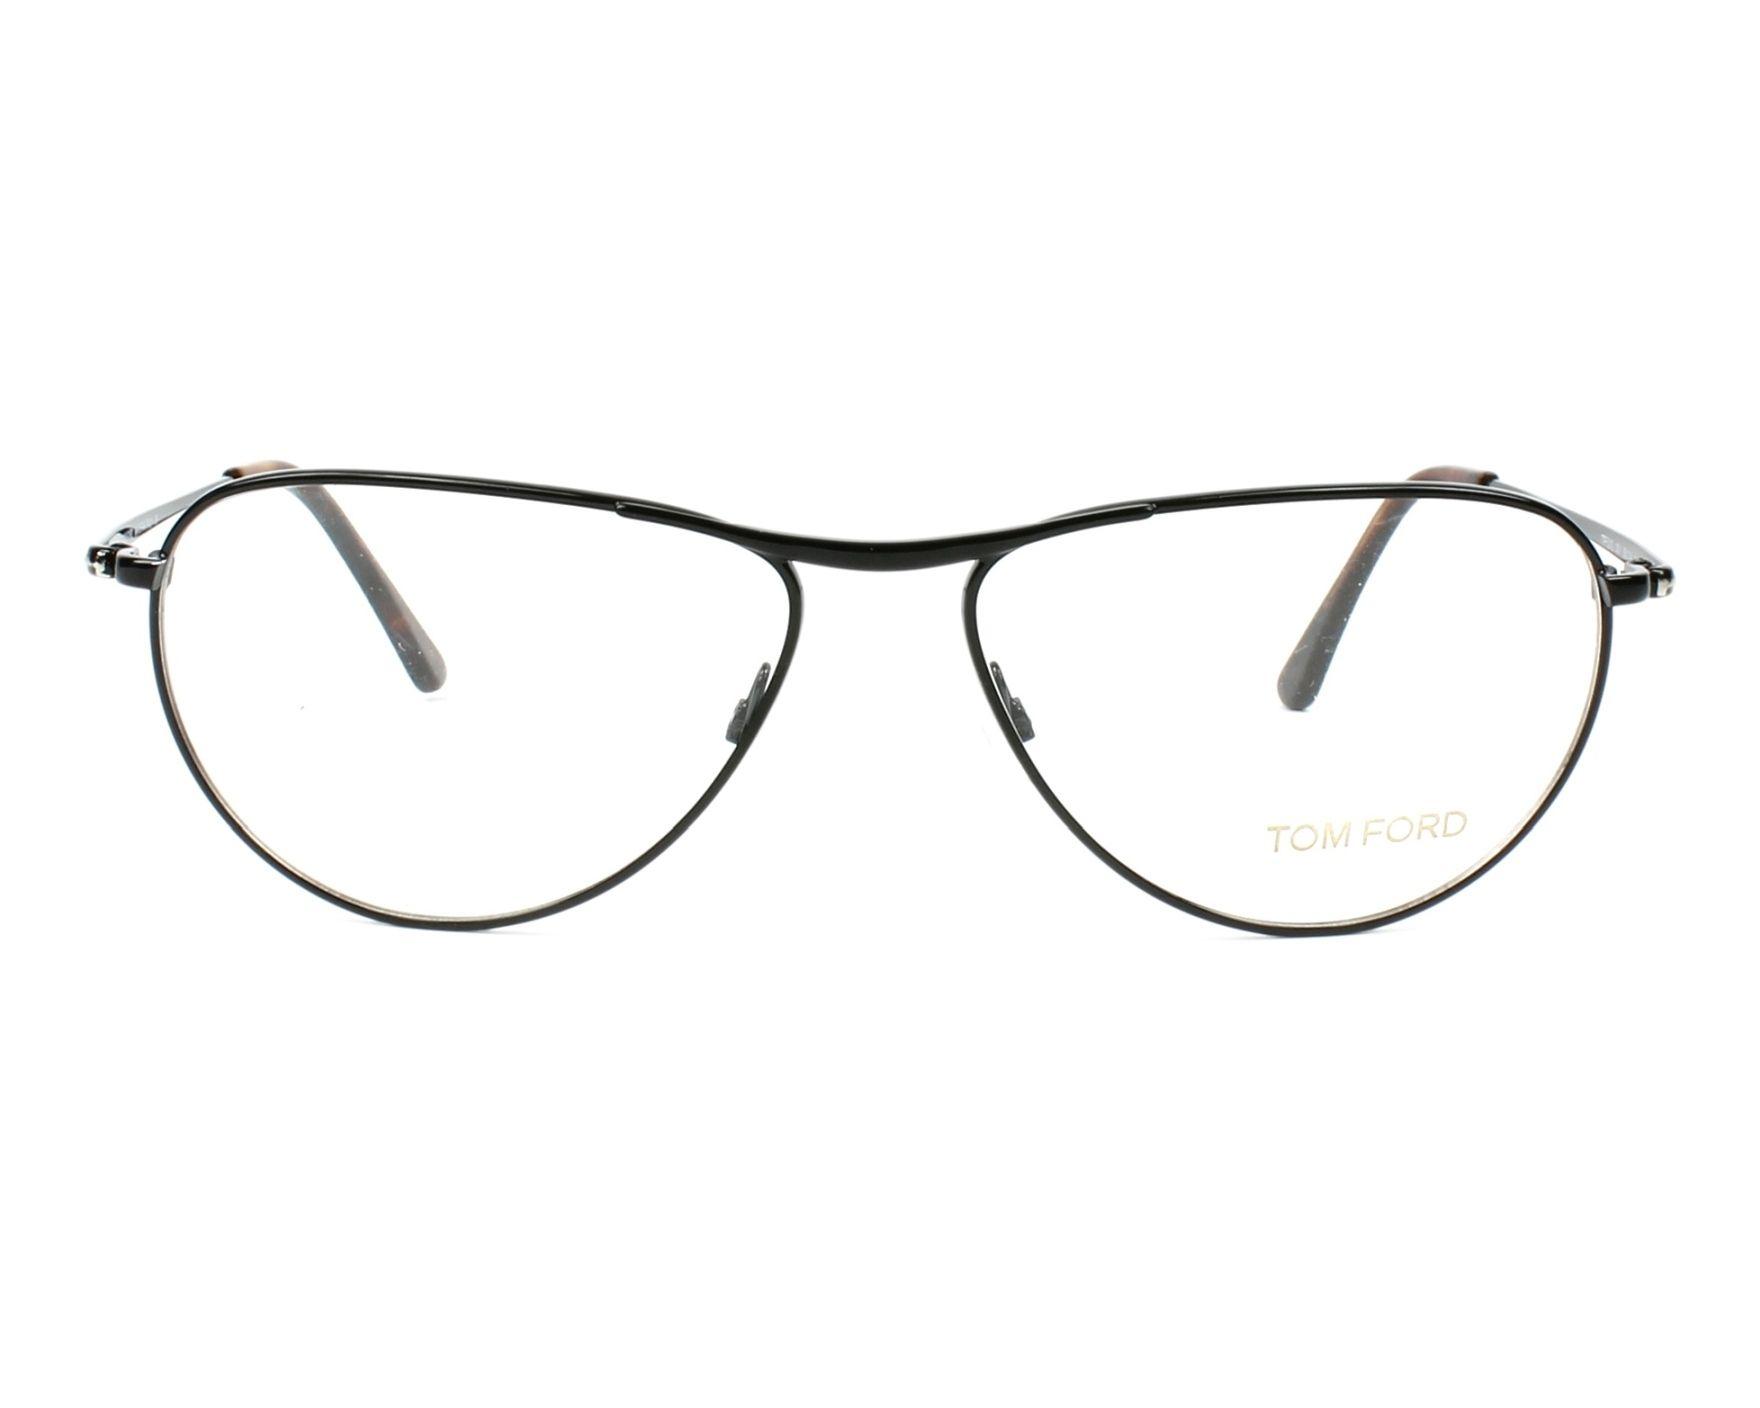 42caa7257a81e Lunettes de vue Tom Ford TF-5210 001 56-14 Noir vue de face